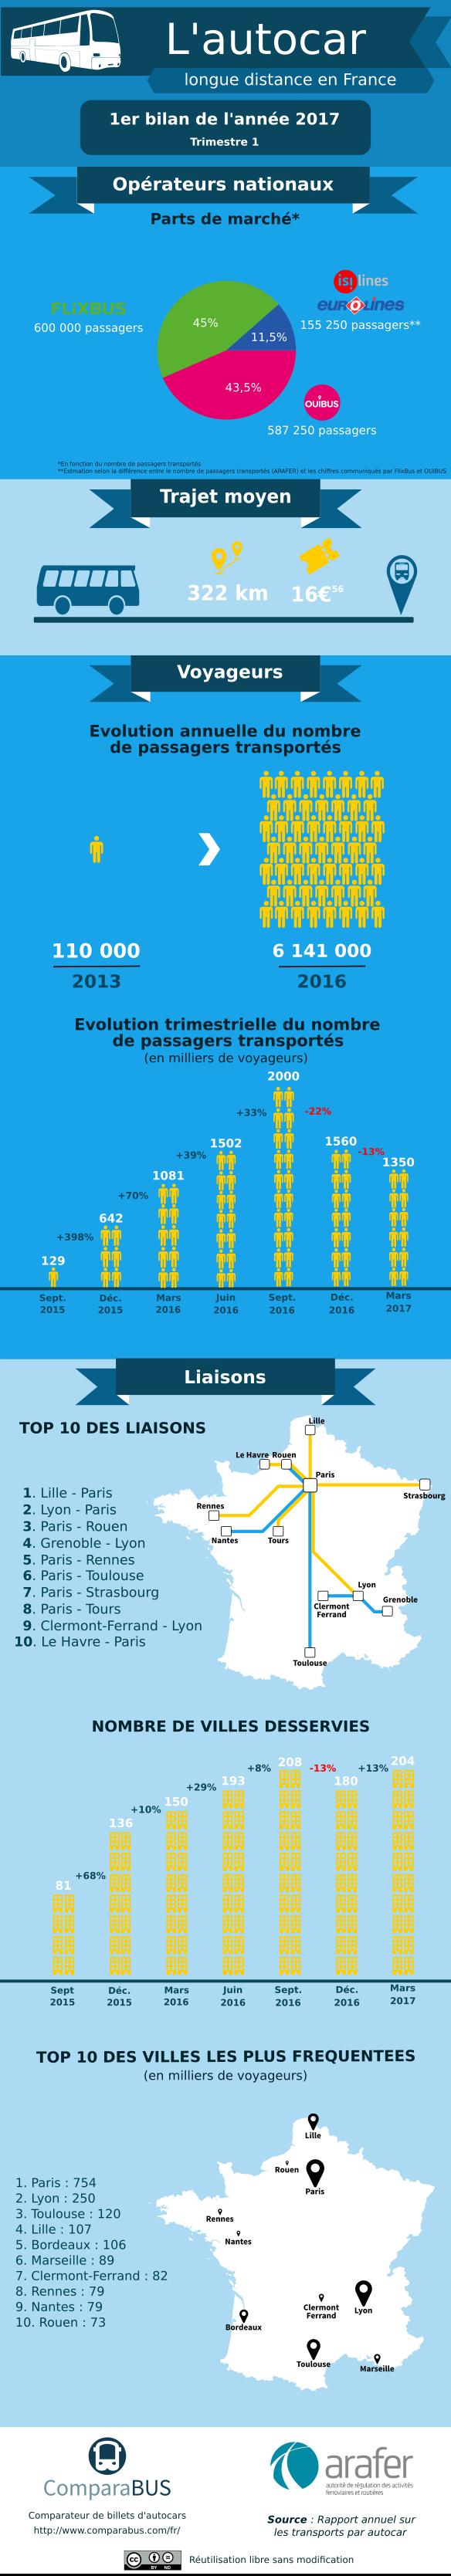 Infographie bilan 1er trimestre 2017 des bus macron